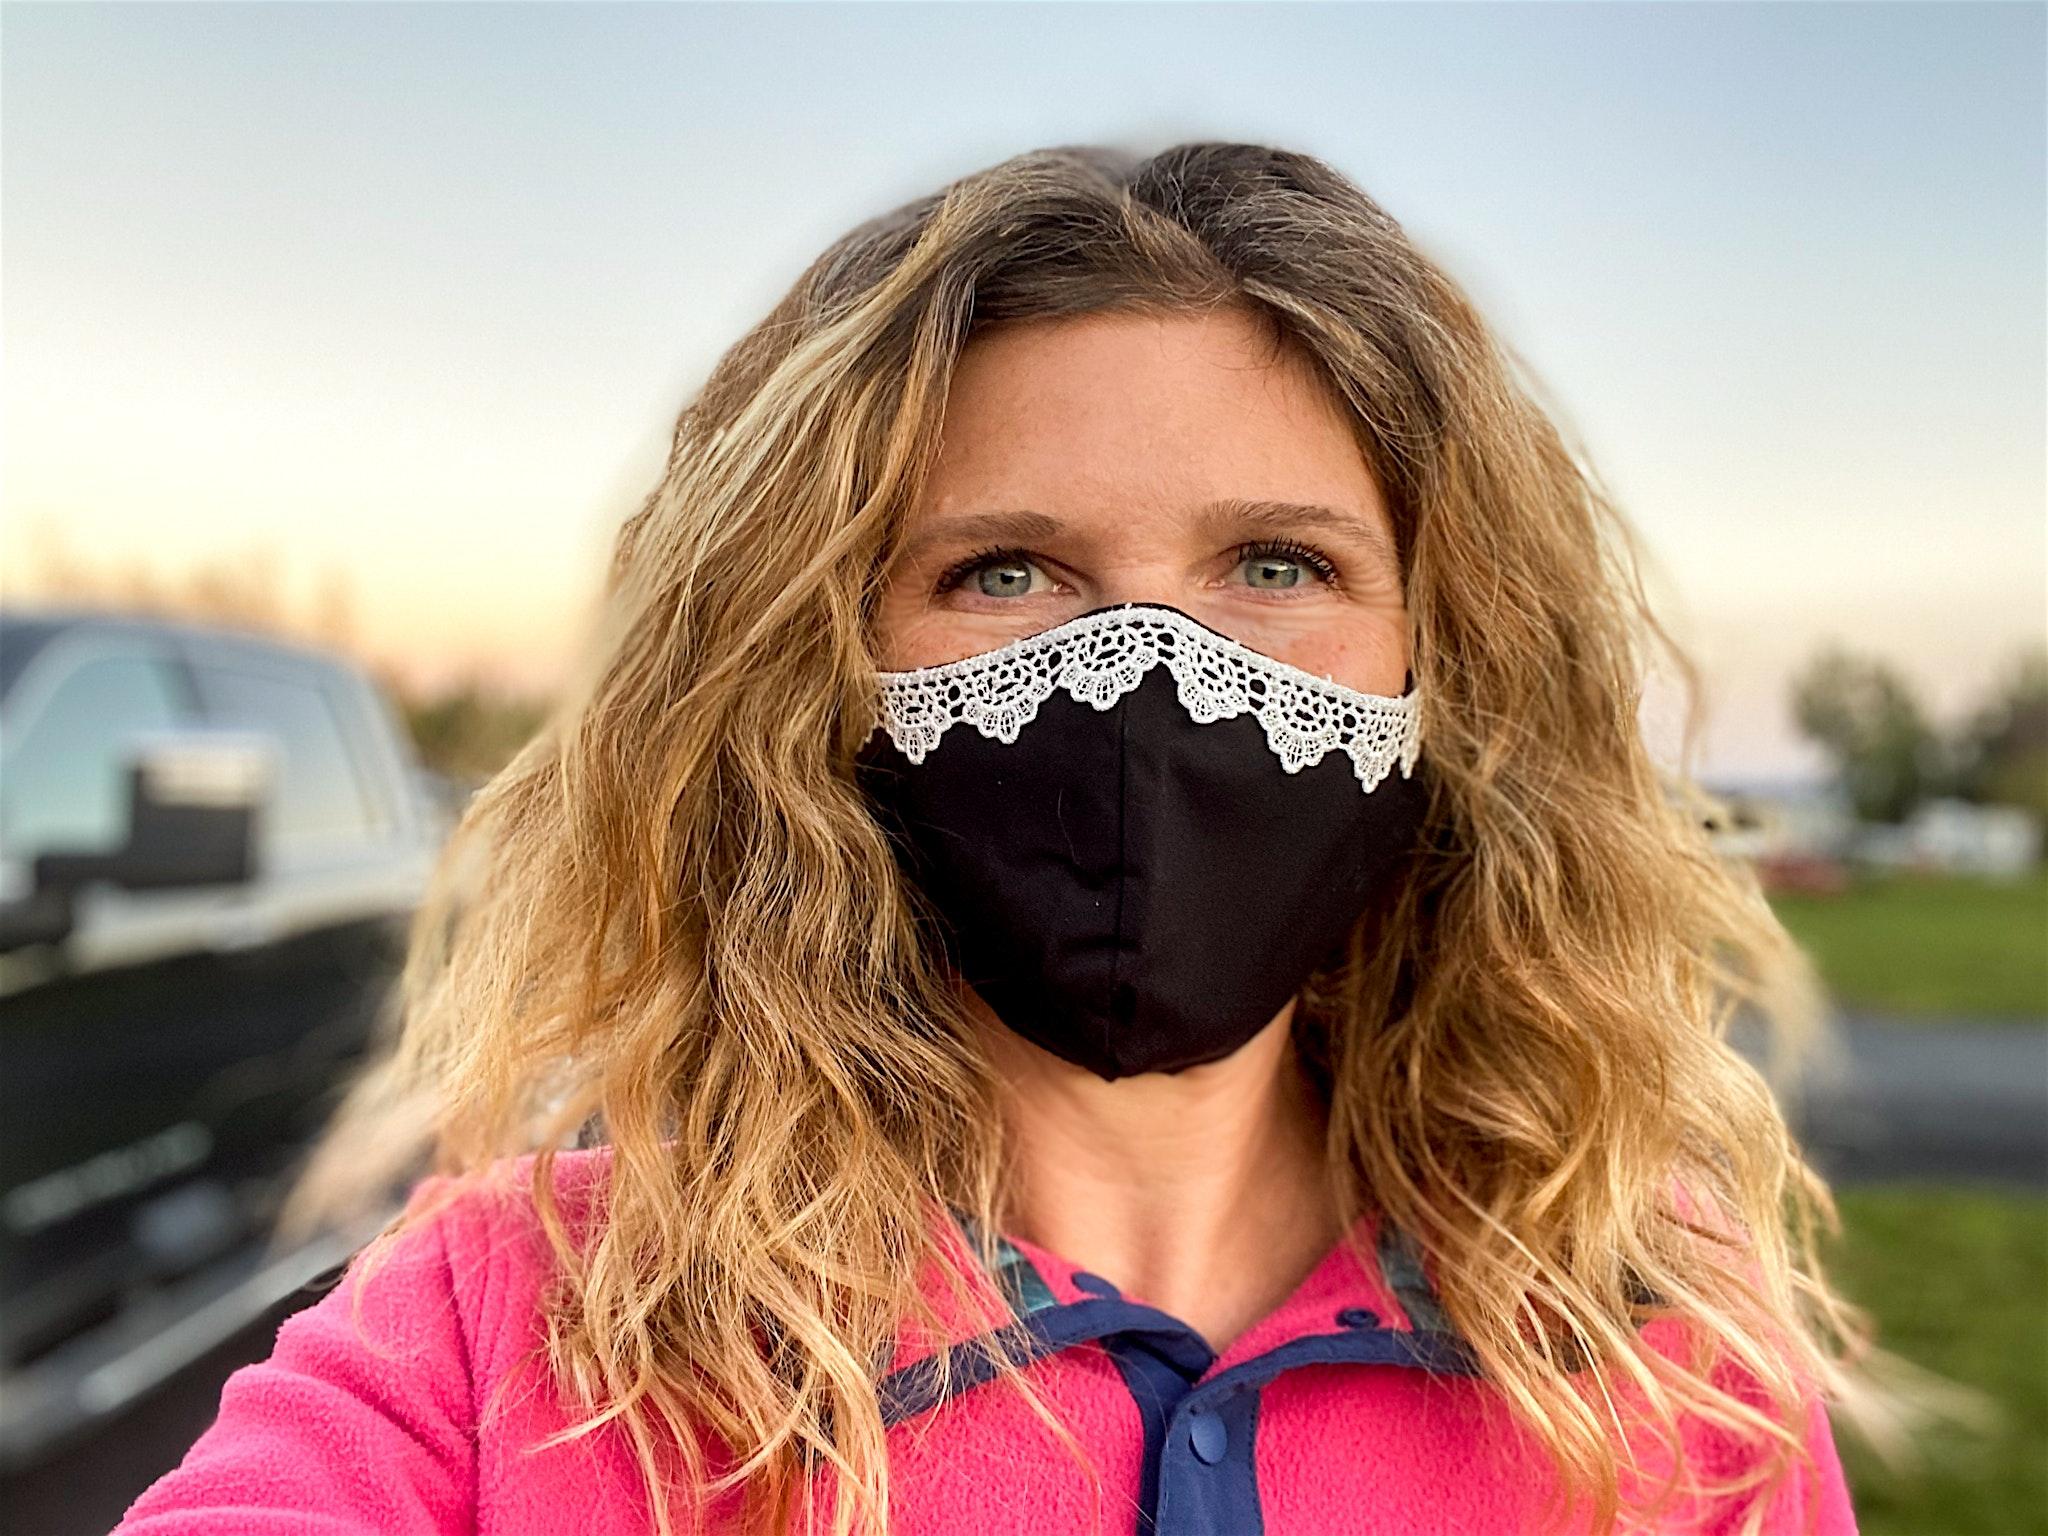 DIY RBG mask